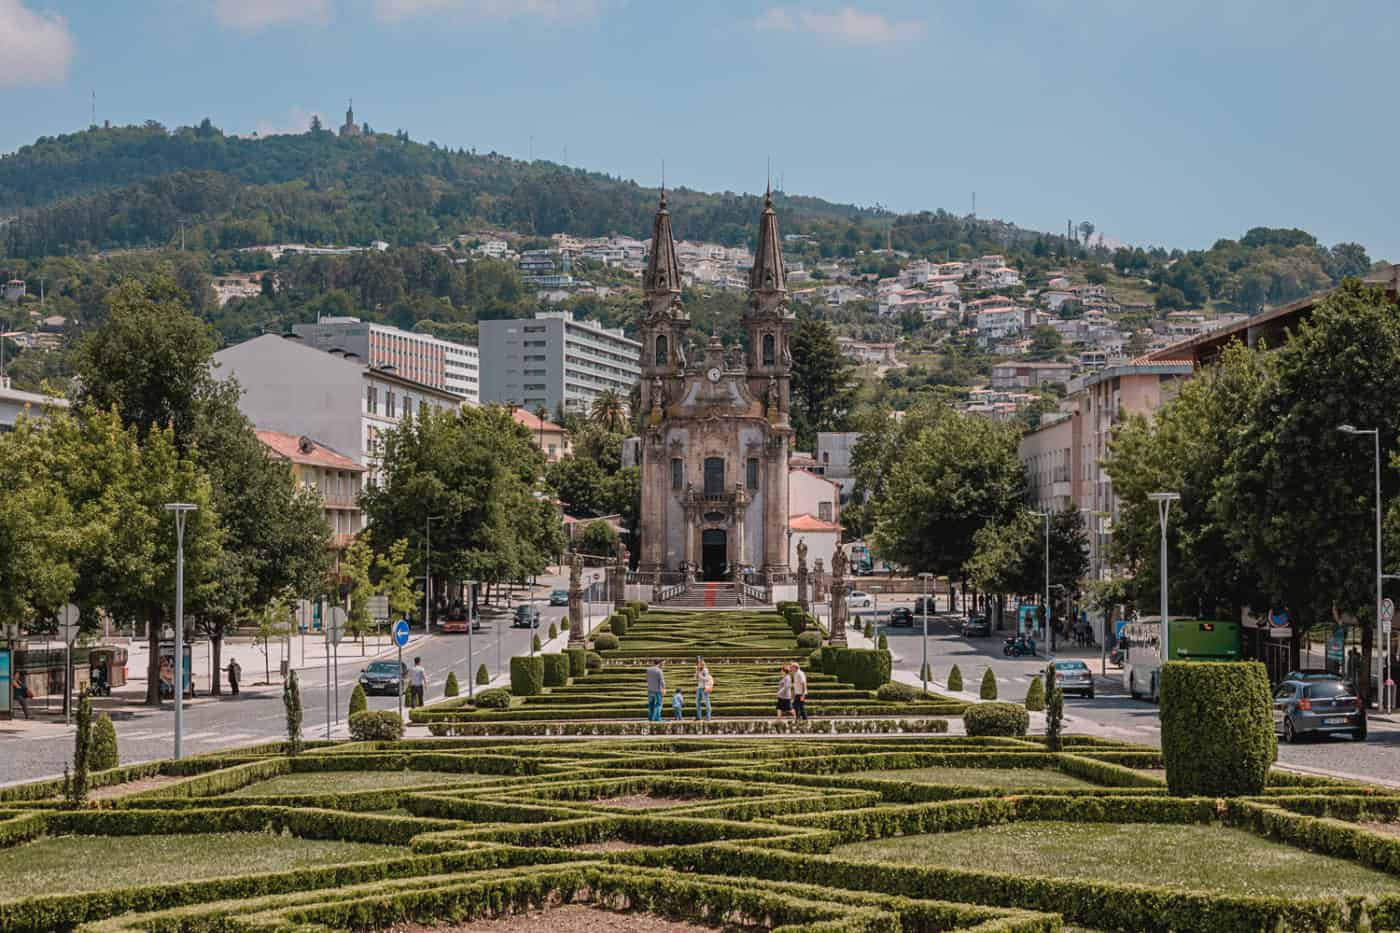 Igreja de Nossa Senhora da Consolacao e Santos Passos church in Guimaraes Portugal